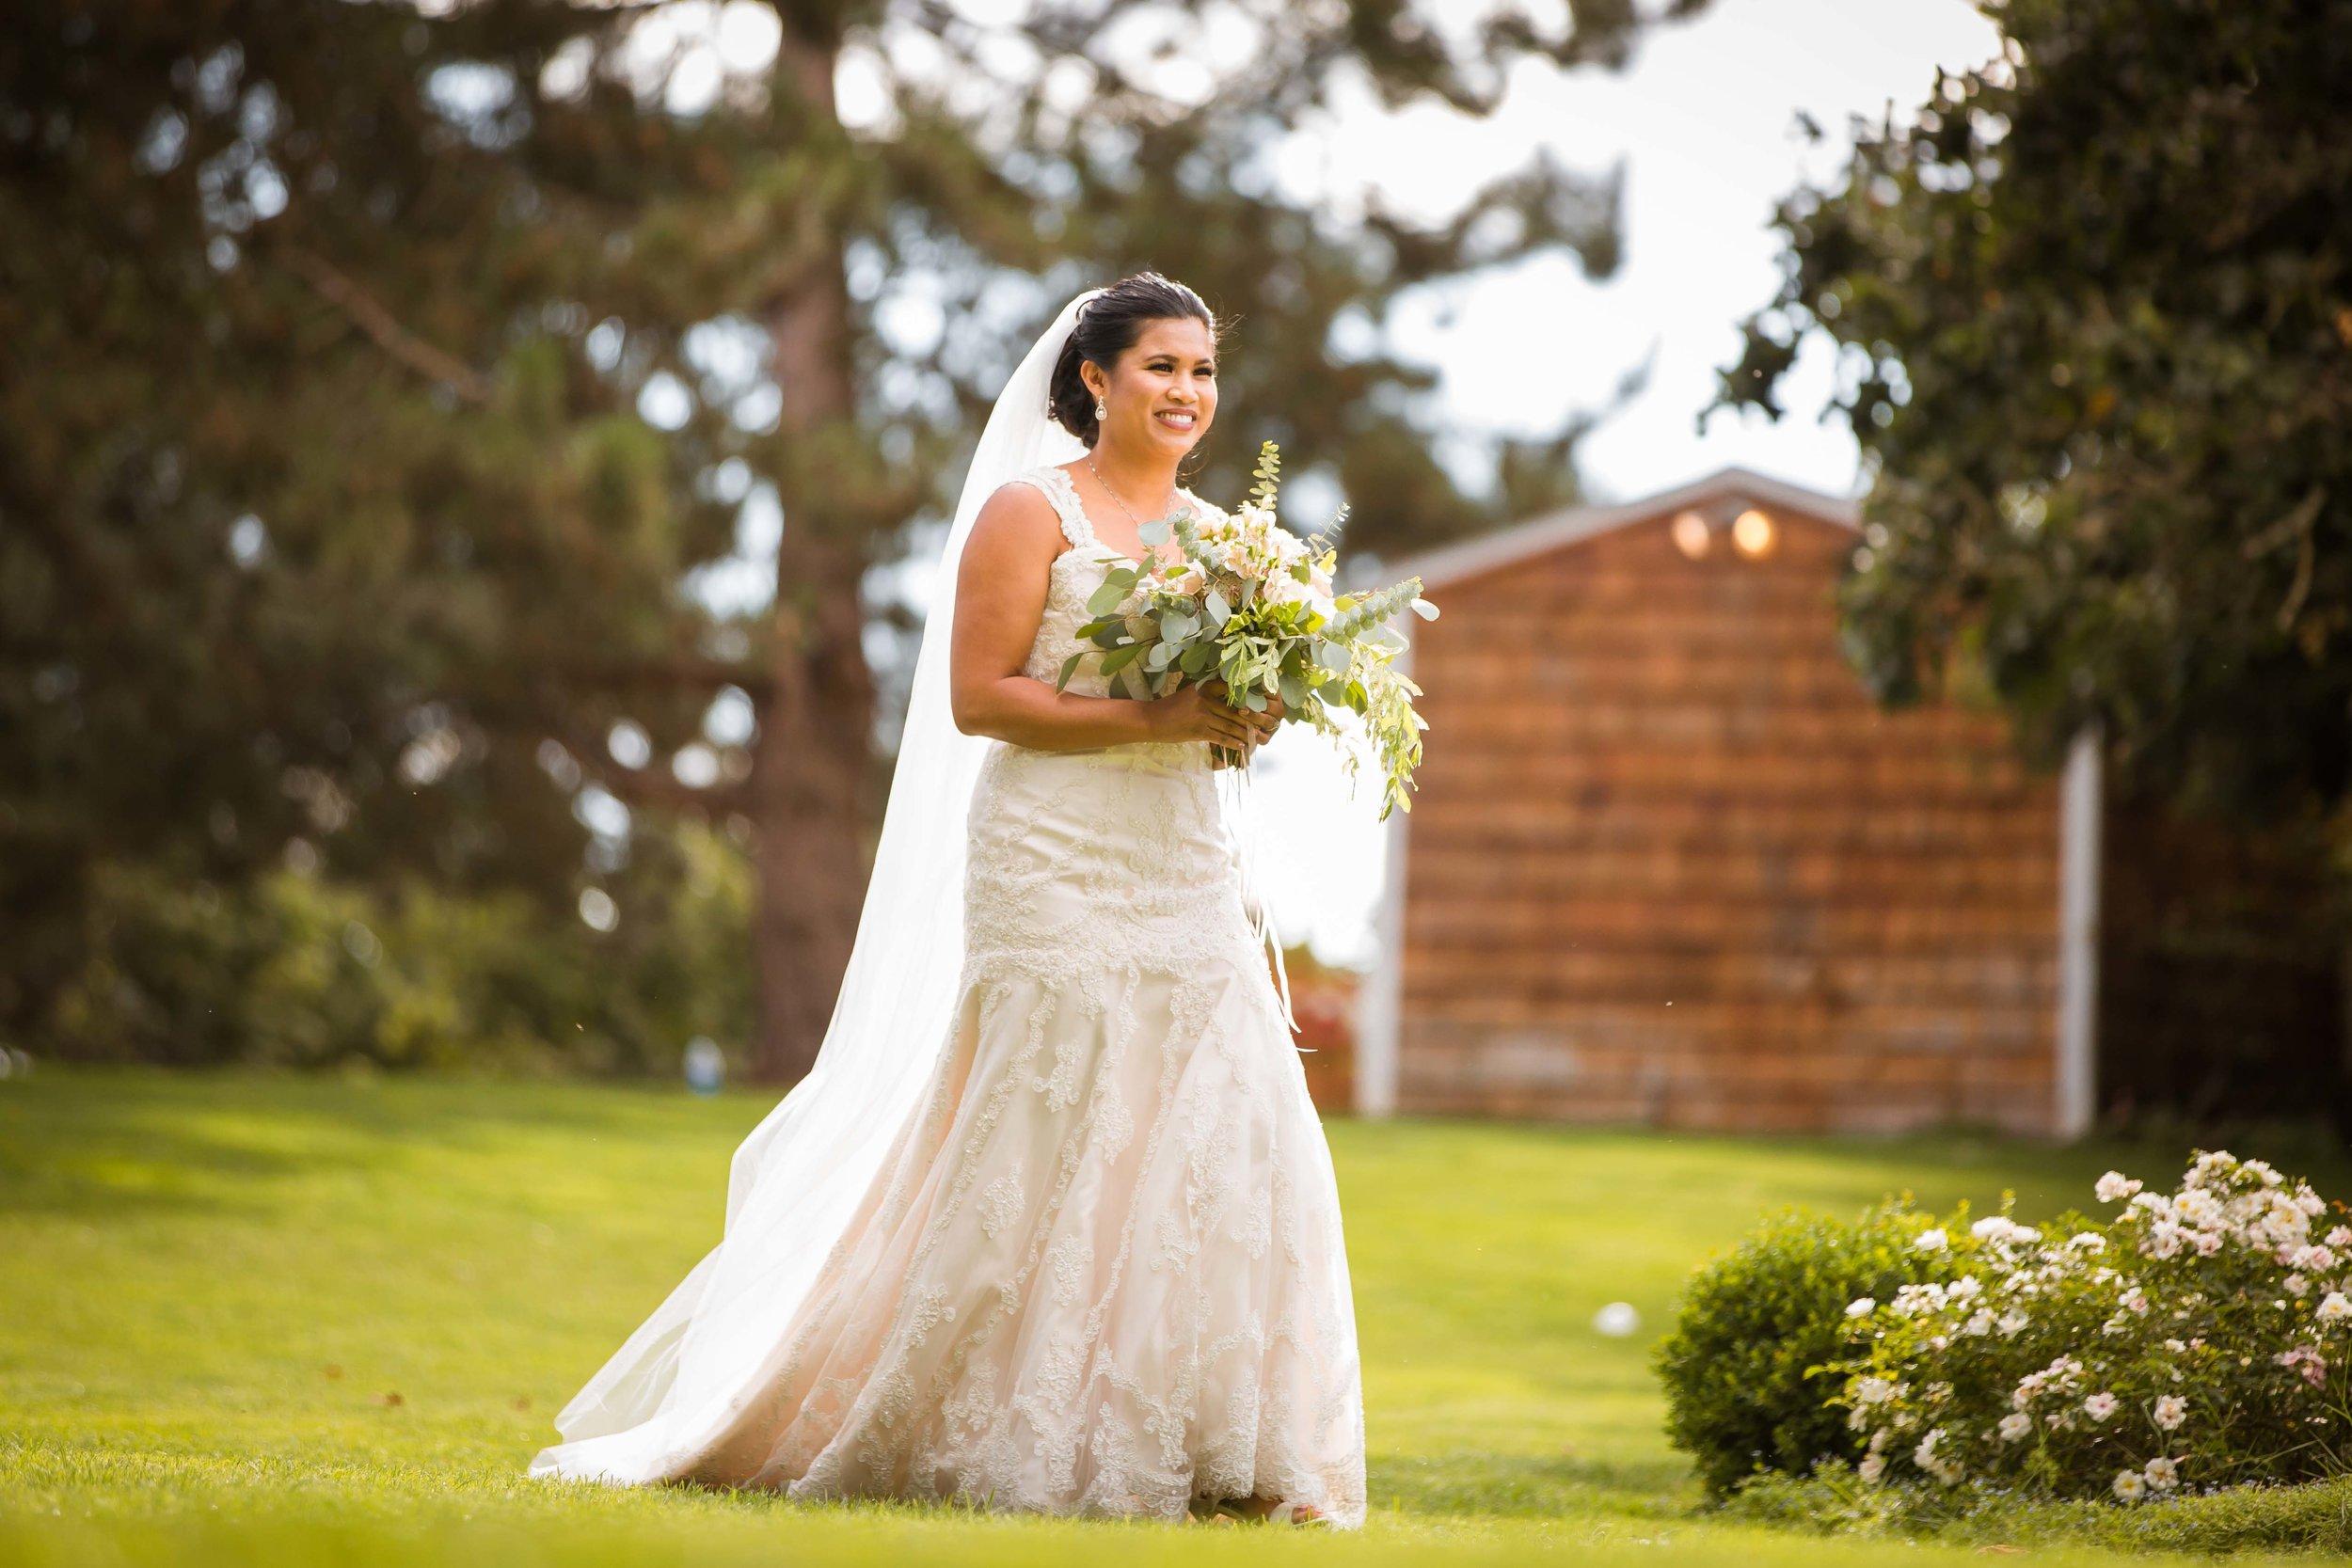 Ceremony Miranda and John - Dillon Vibes Photography-1.jpg